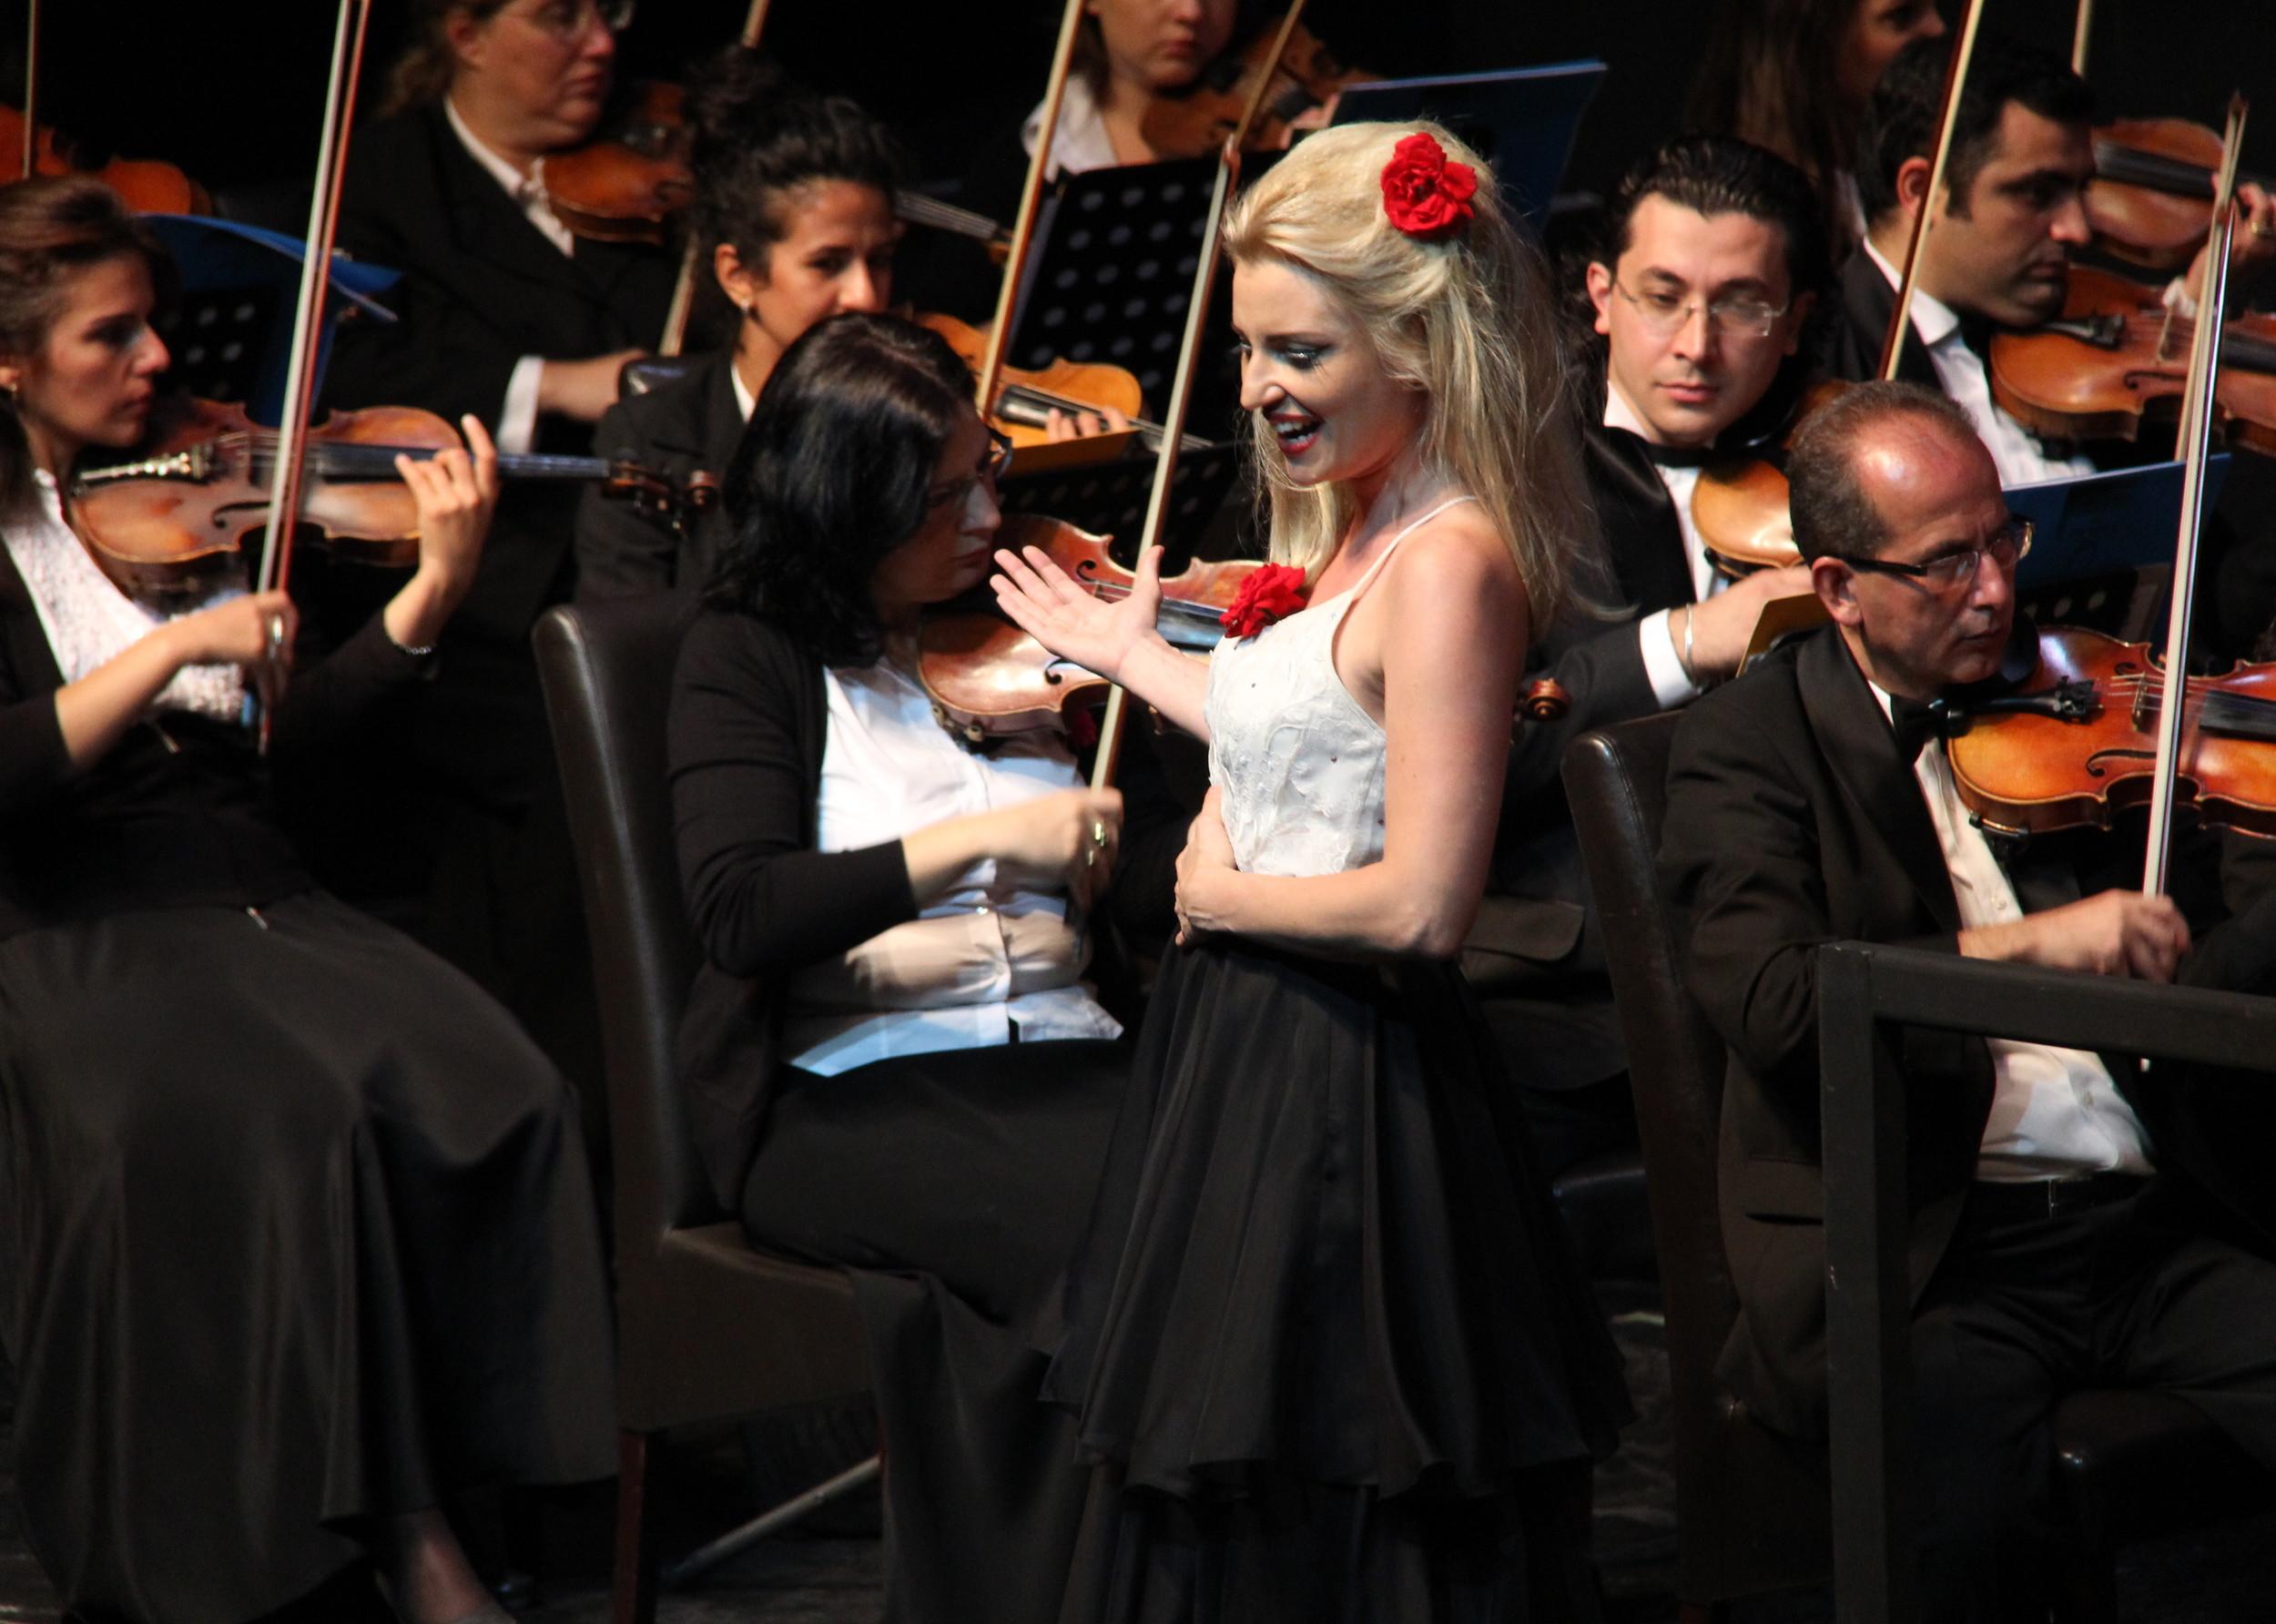 Finale Grande, Gut Immling, Julia Binder 21.jpg